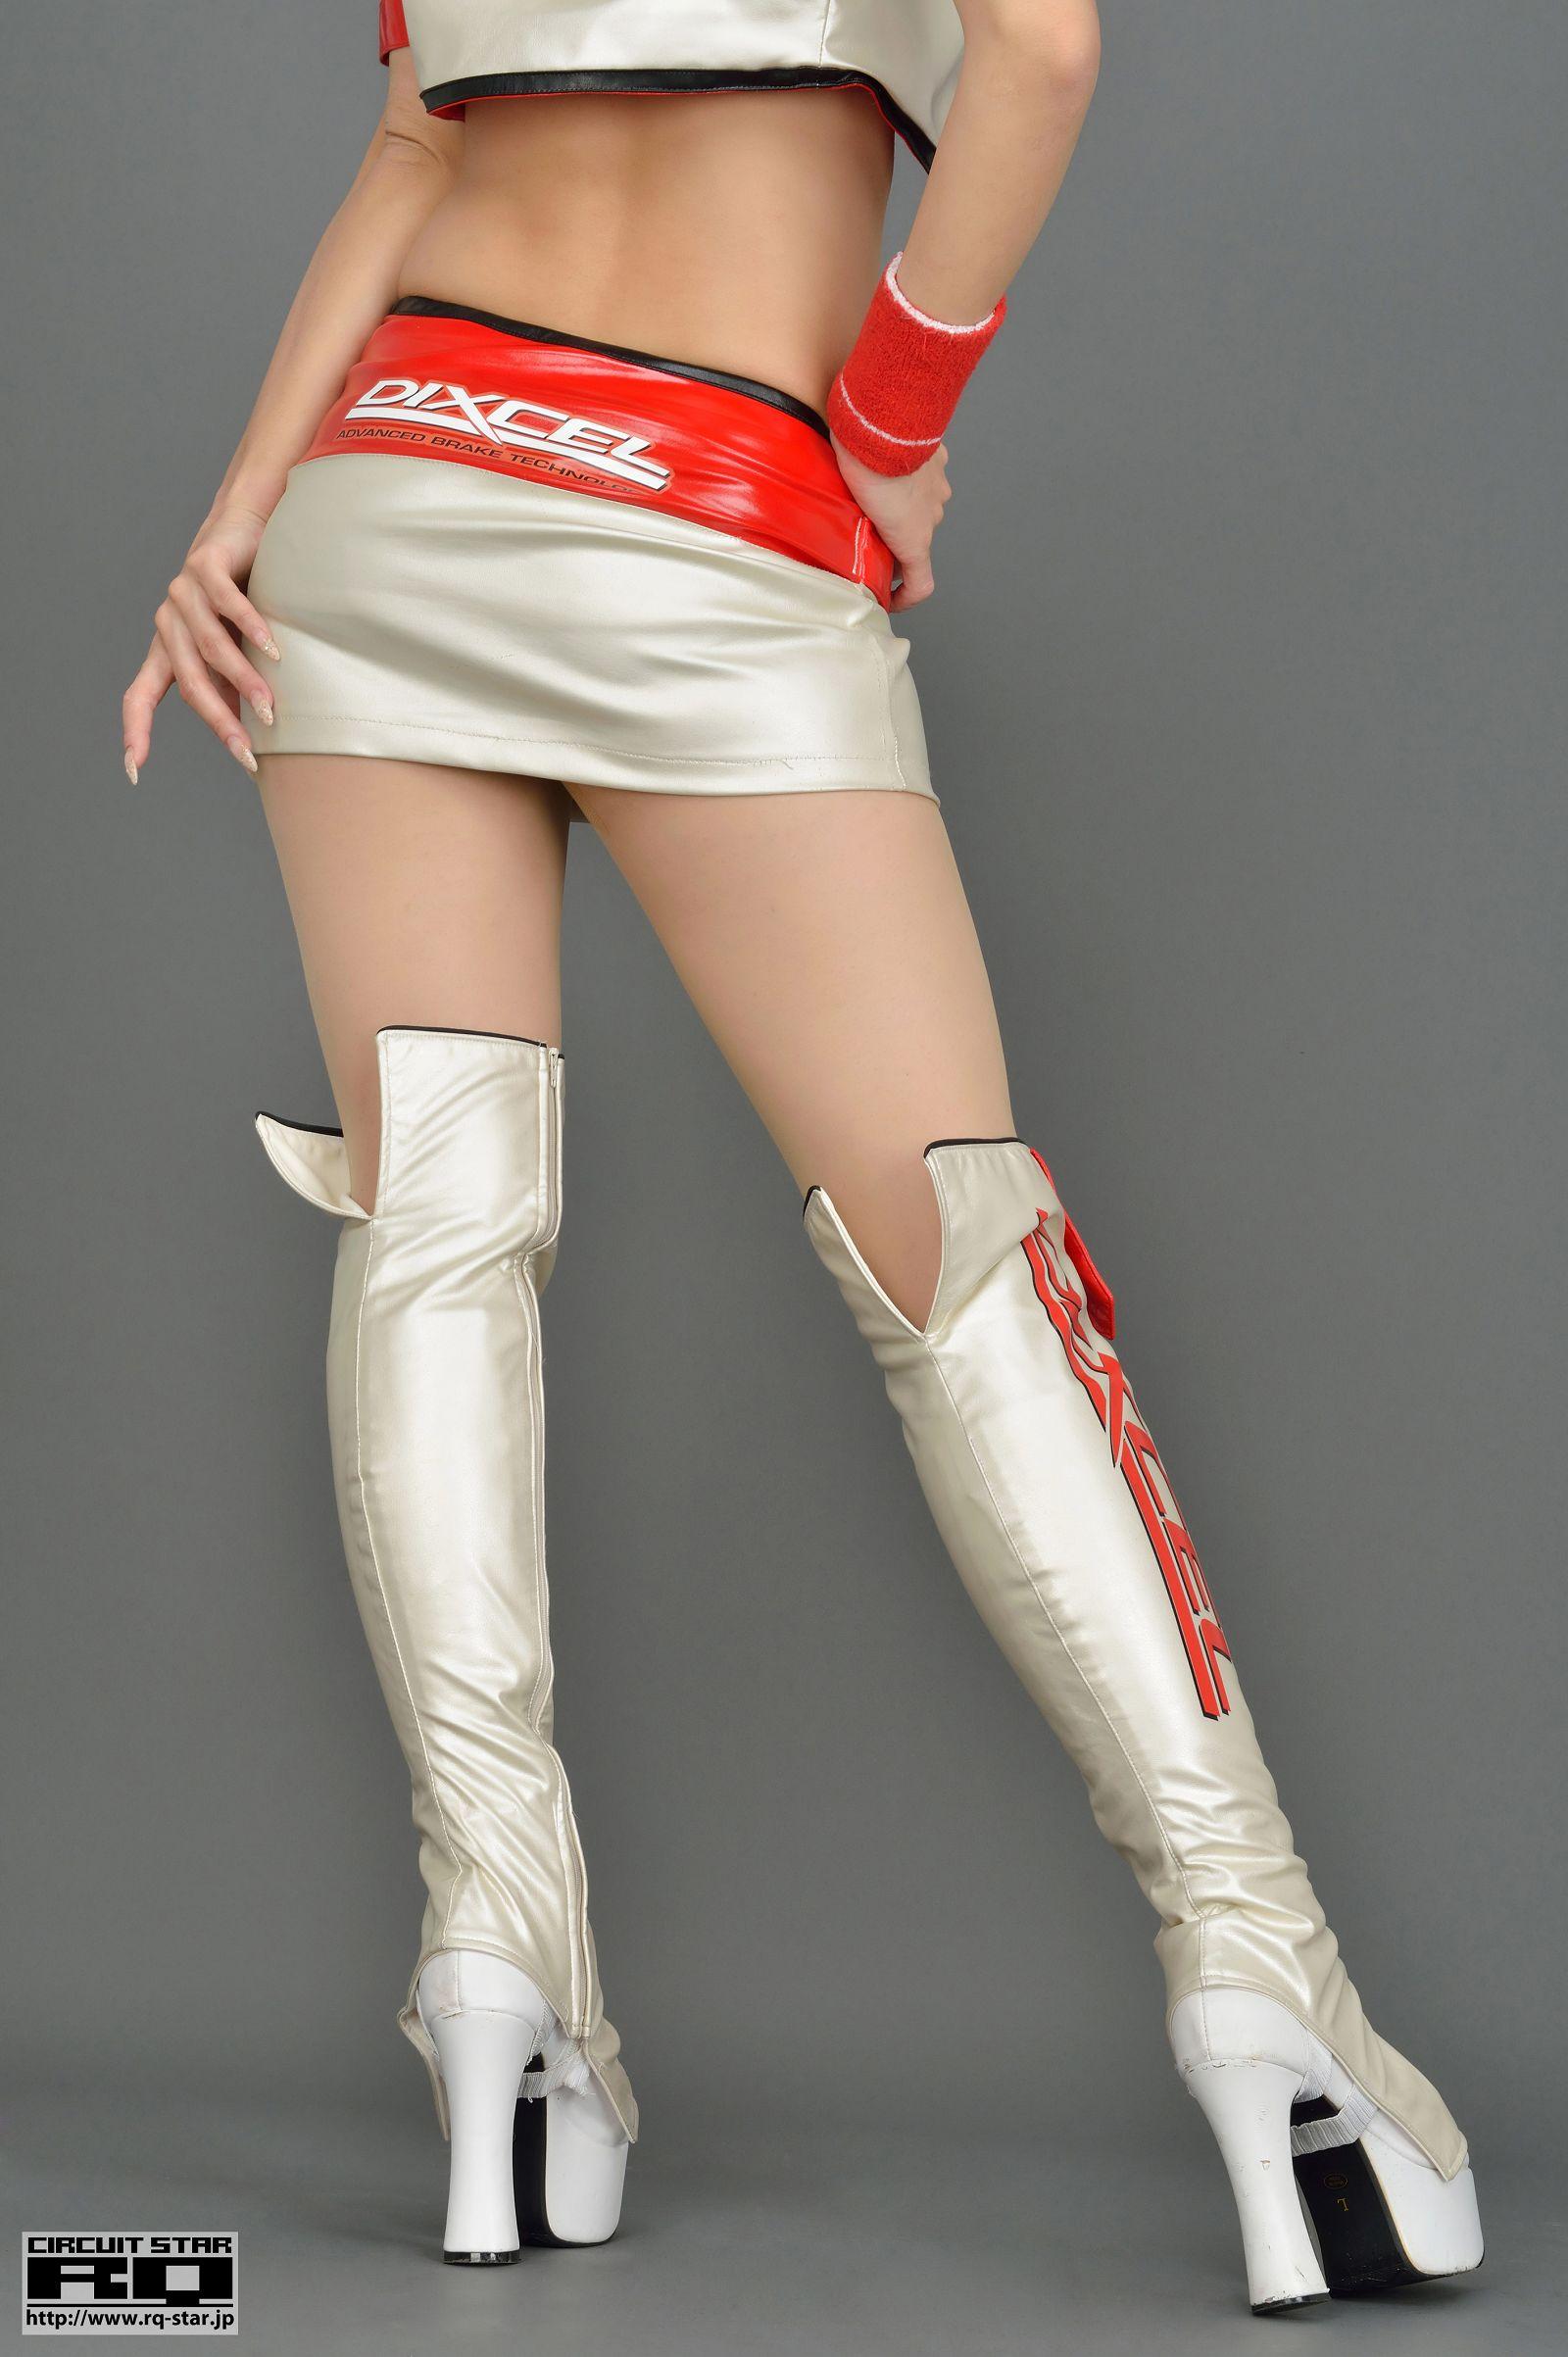 [RQ STAR美女] NO.00719 Ami Kawase 河瀬杏美 Race Queen[90P] RQ STAR 第3张